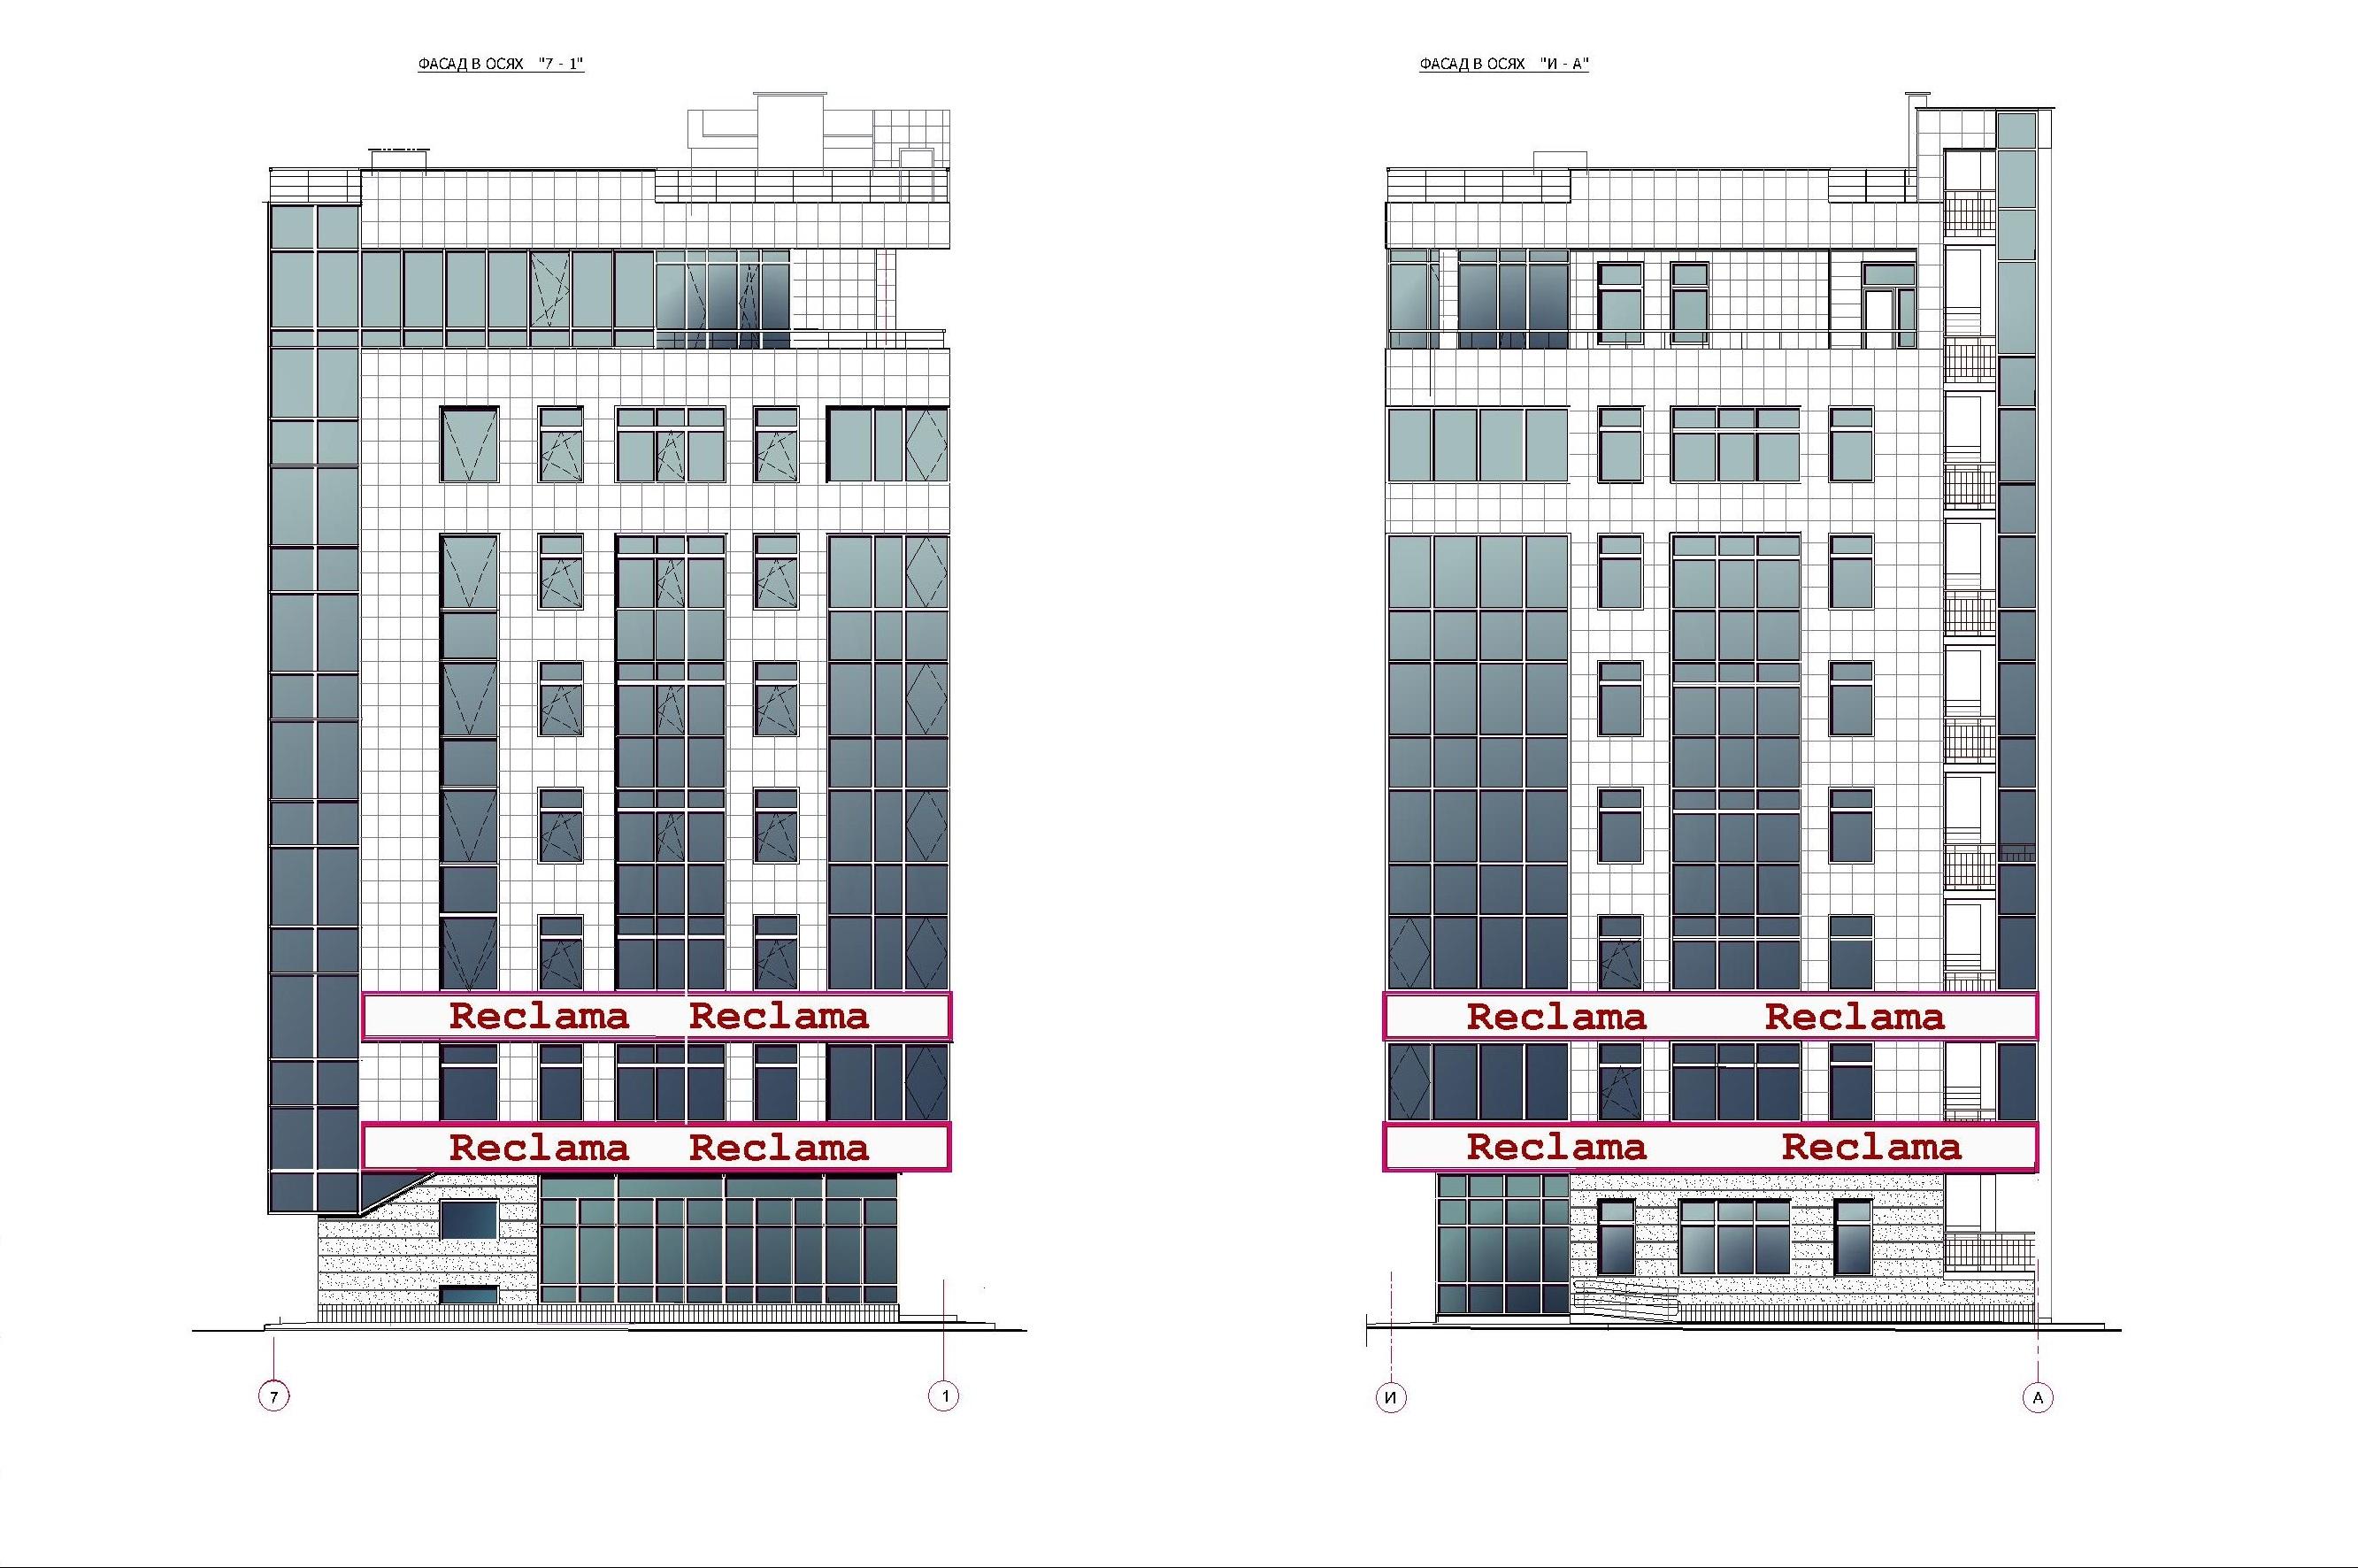 Проект административного здания. Фасады в осях 7-1, И-А